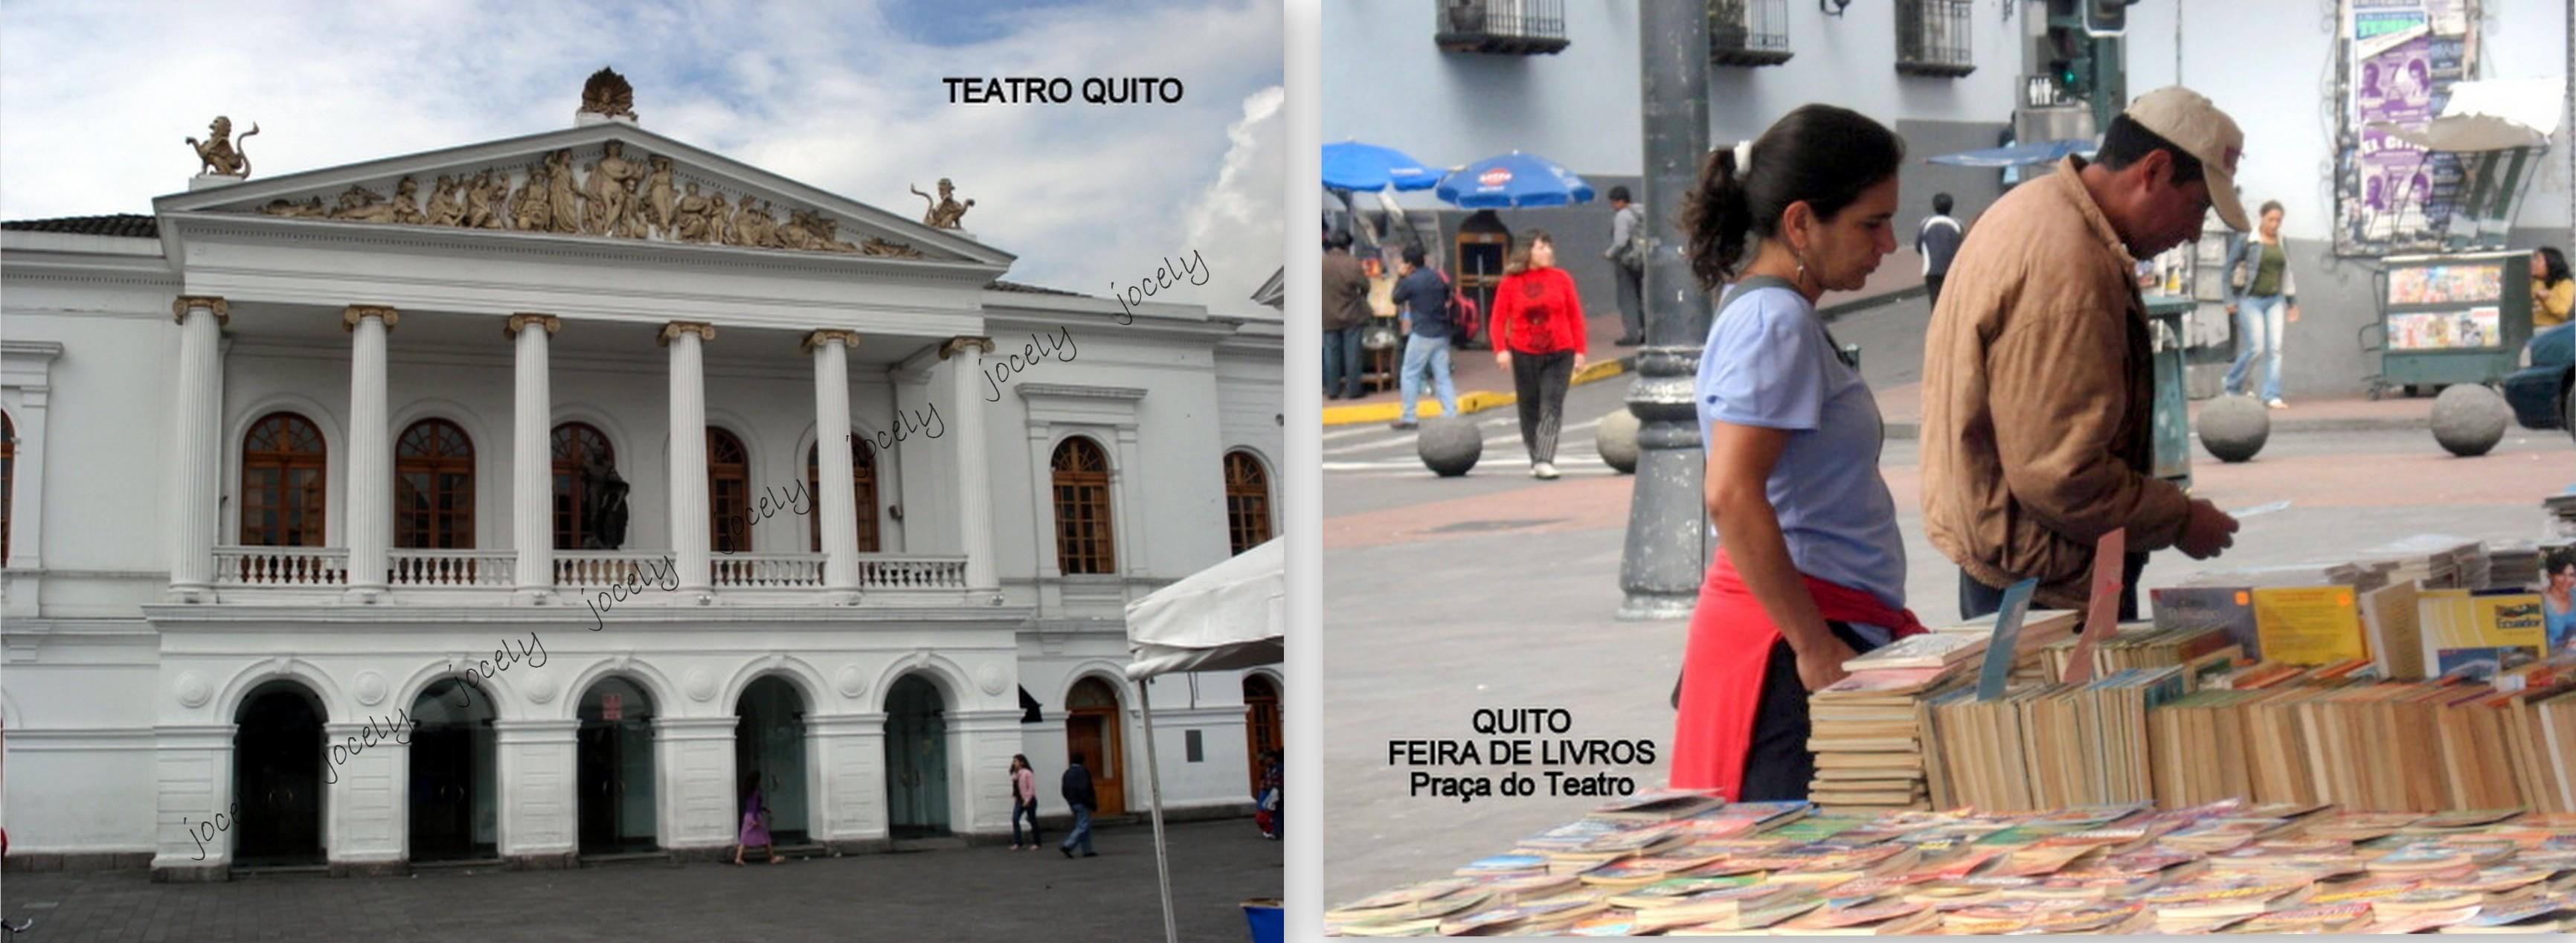 EQUADOR, QUITO-003